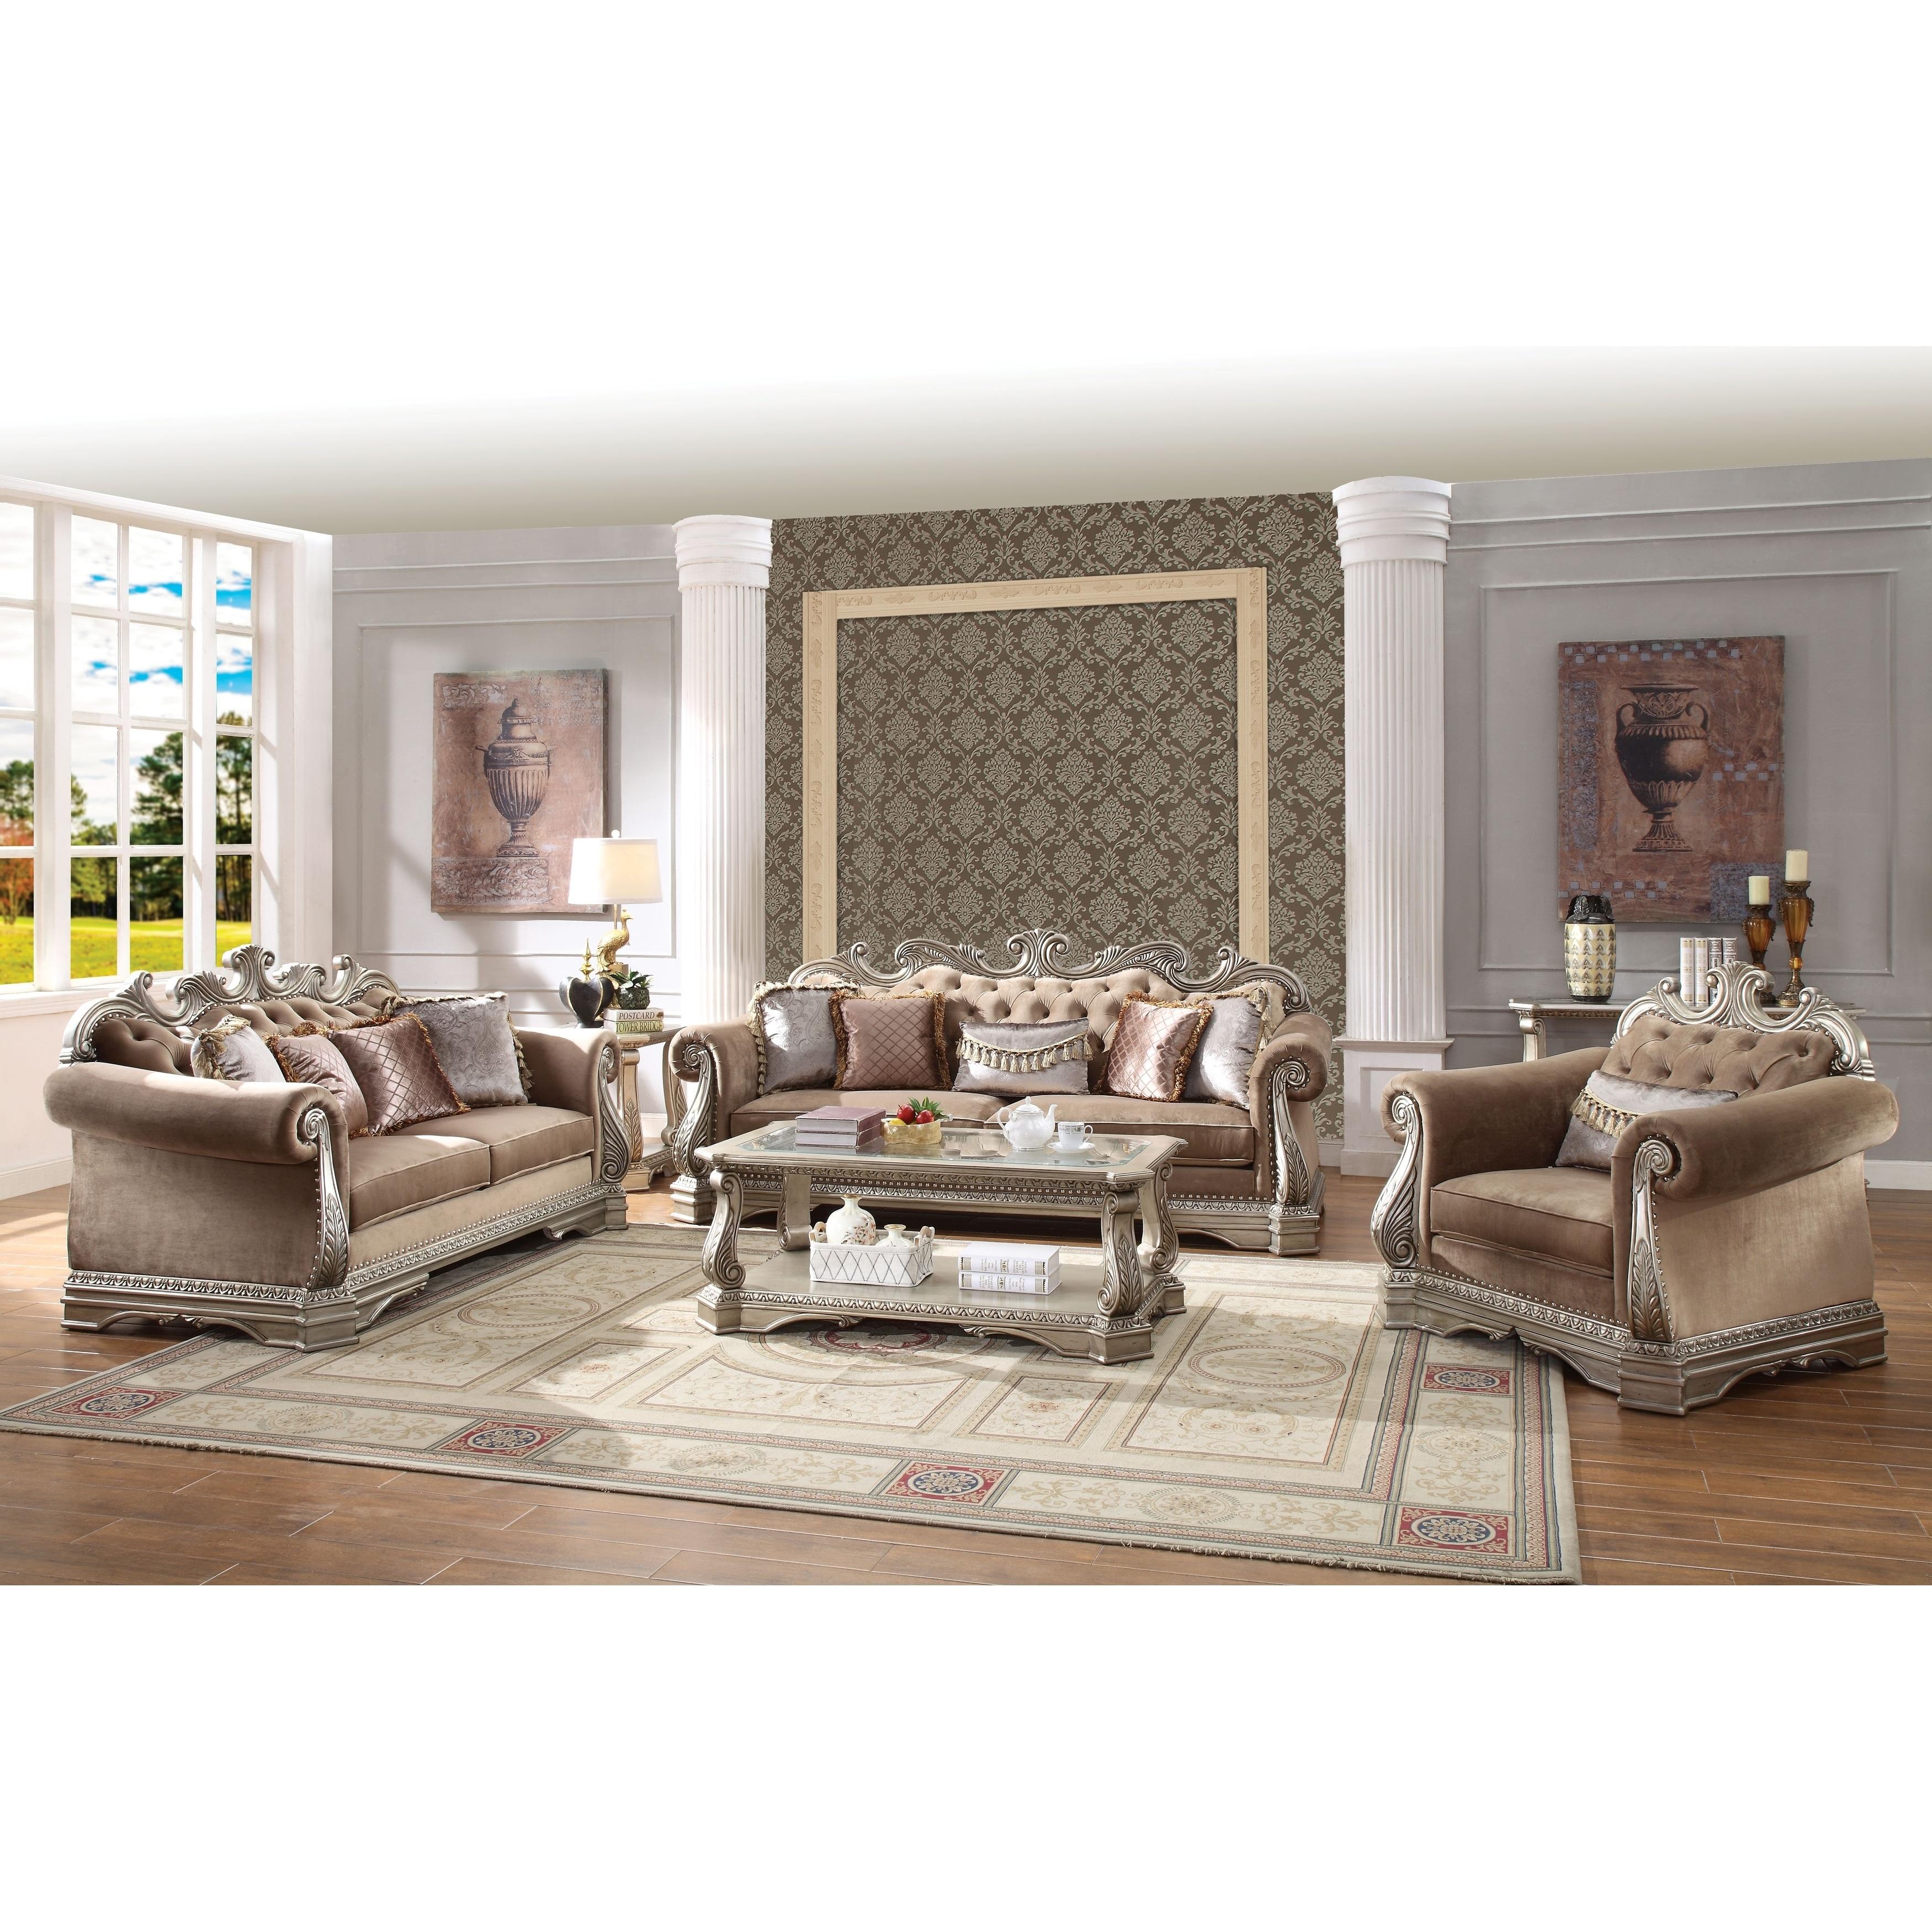 Luxurious Velvet Upholstered Sofa